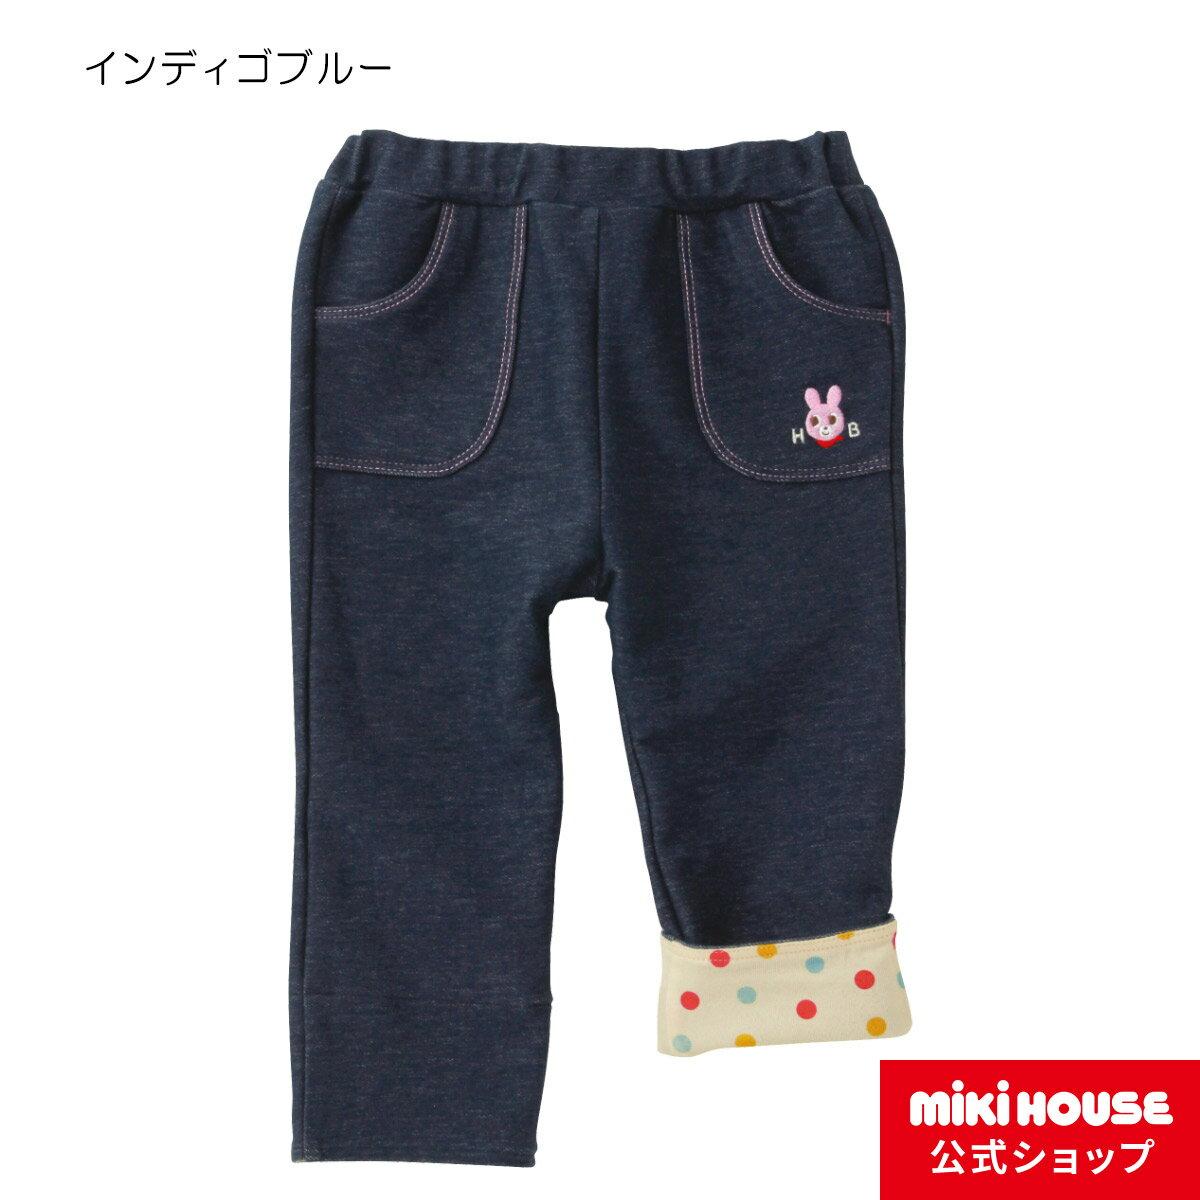 ミキハウス ホットビスケッツ mikihouse キャビットちゃん ストレッチパンツ(100cm・110cm)